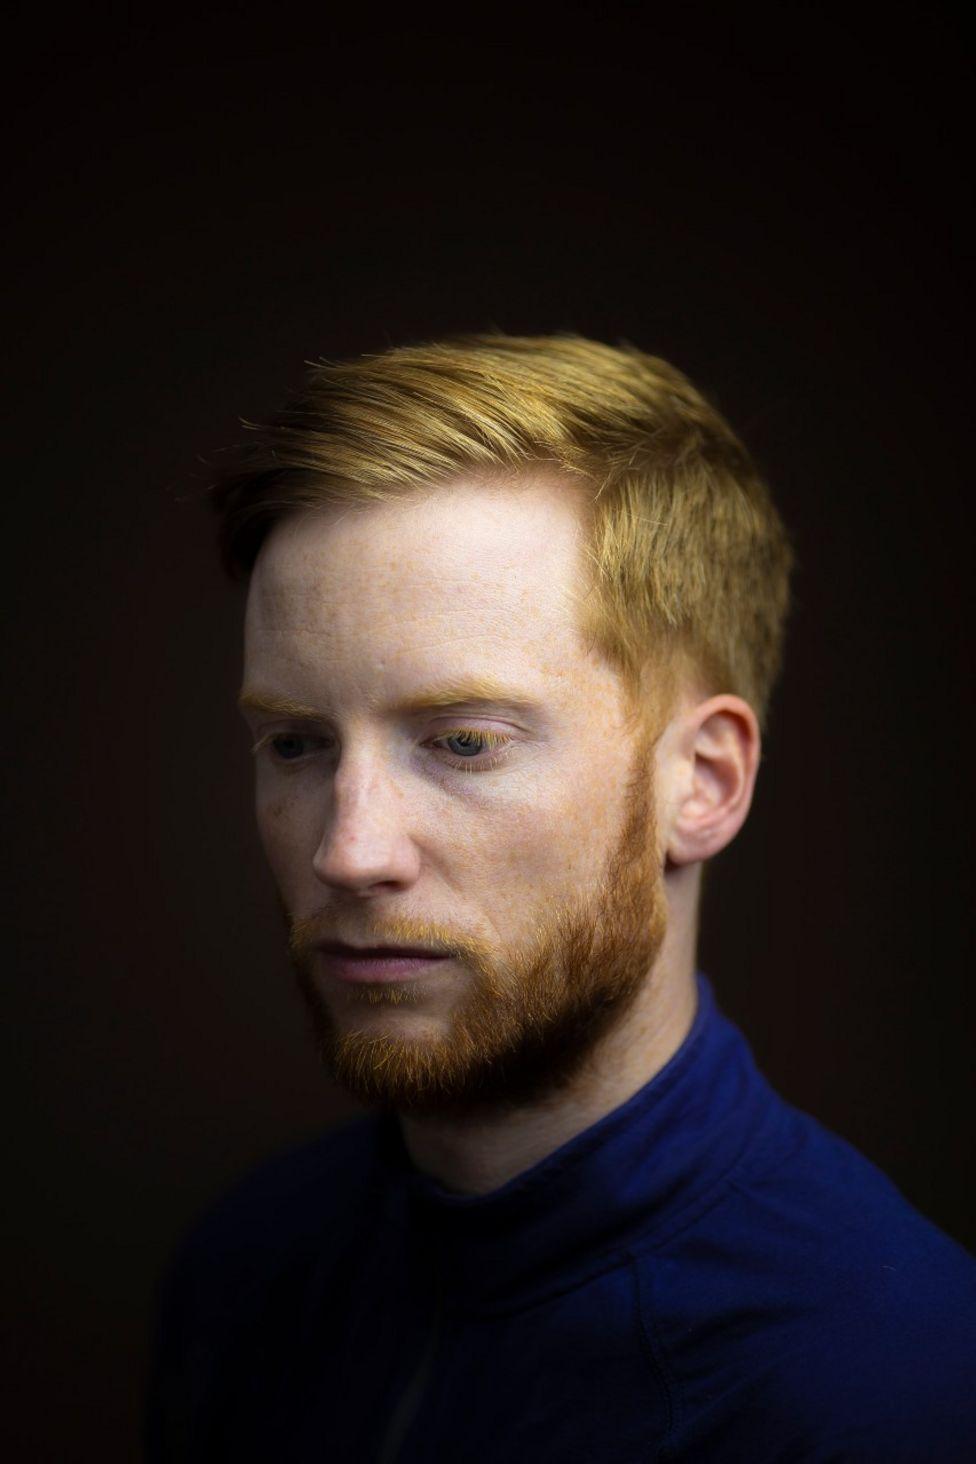 O fotógrafo Kieran Dodds quis mostrar as conexões ao redor do mundo de pessoas com cabelos ruivos